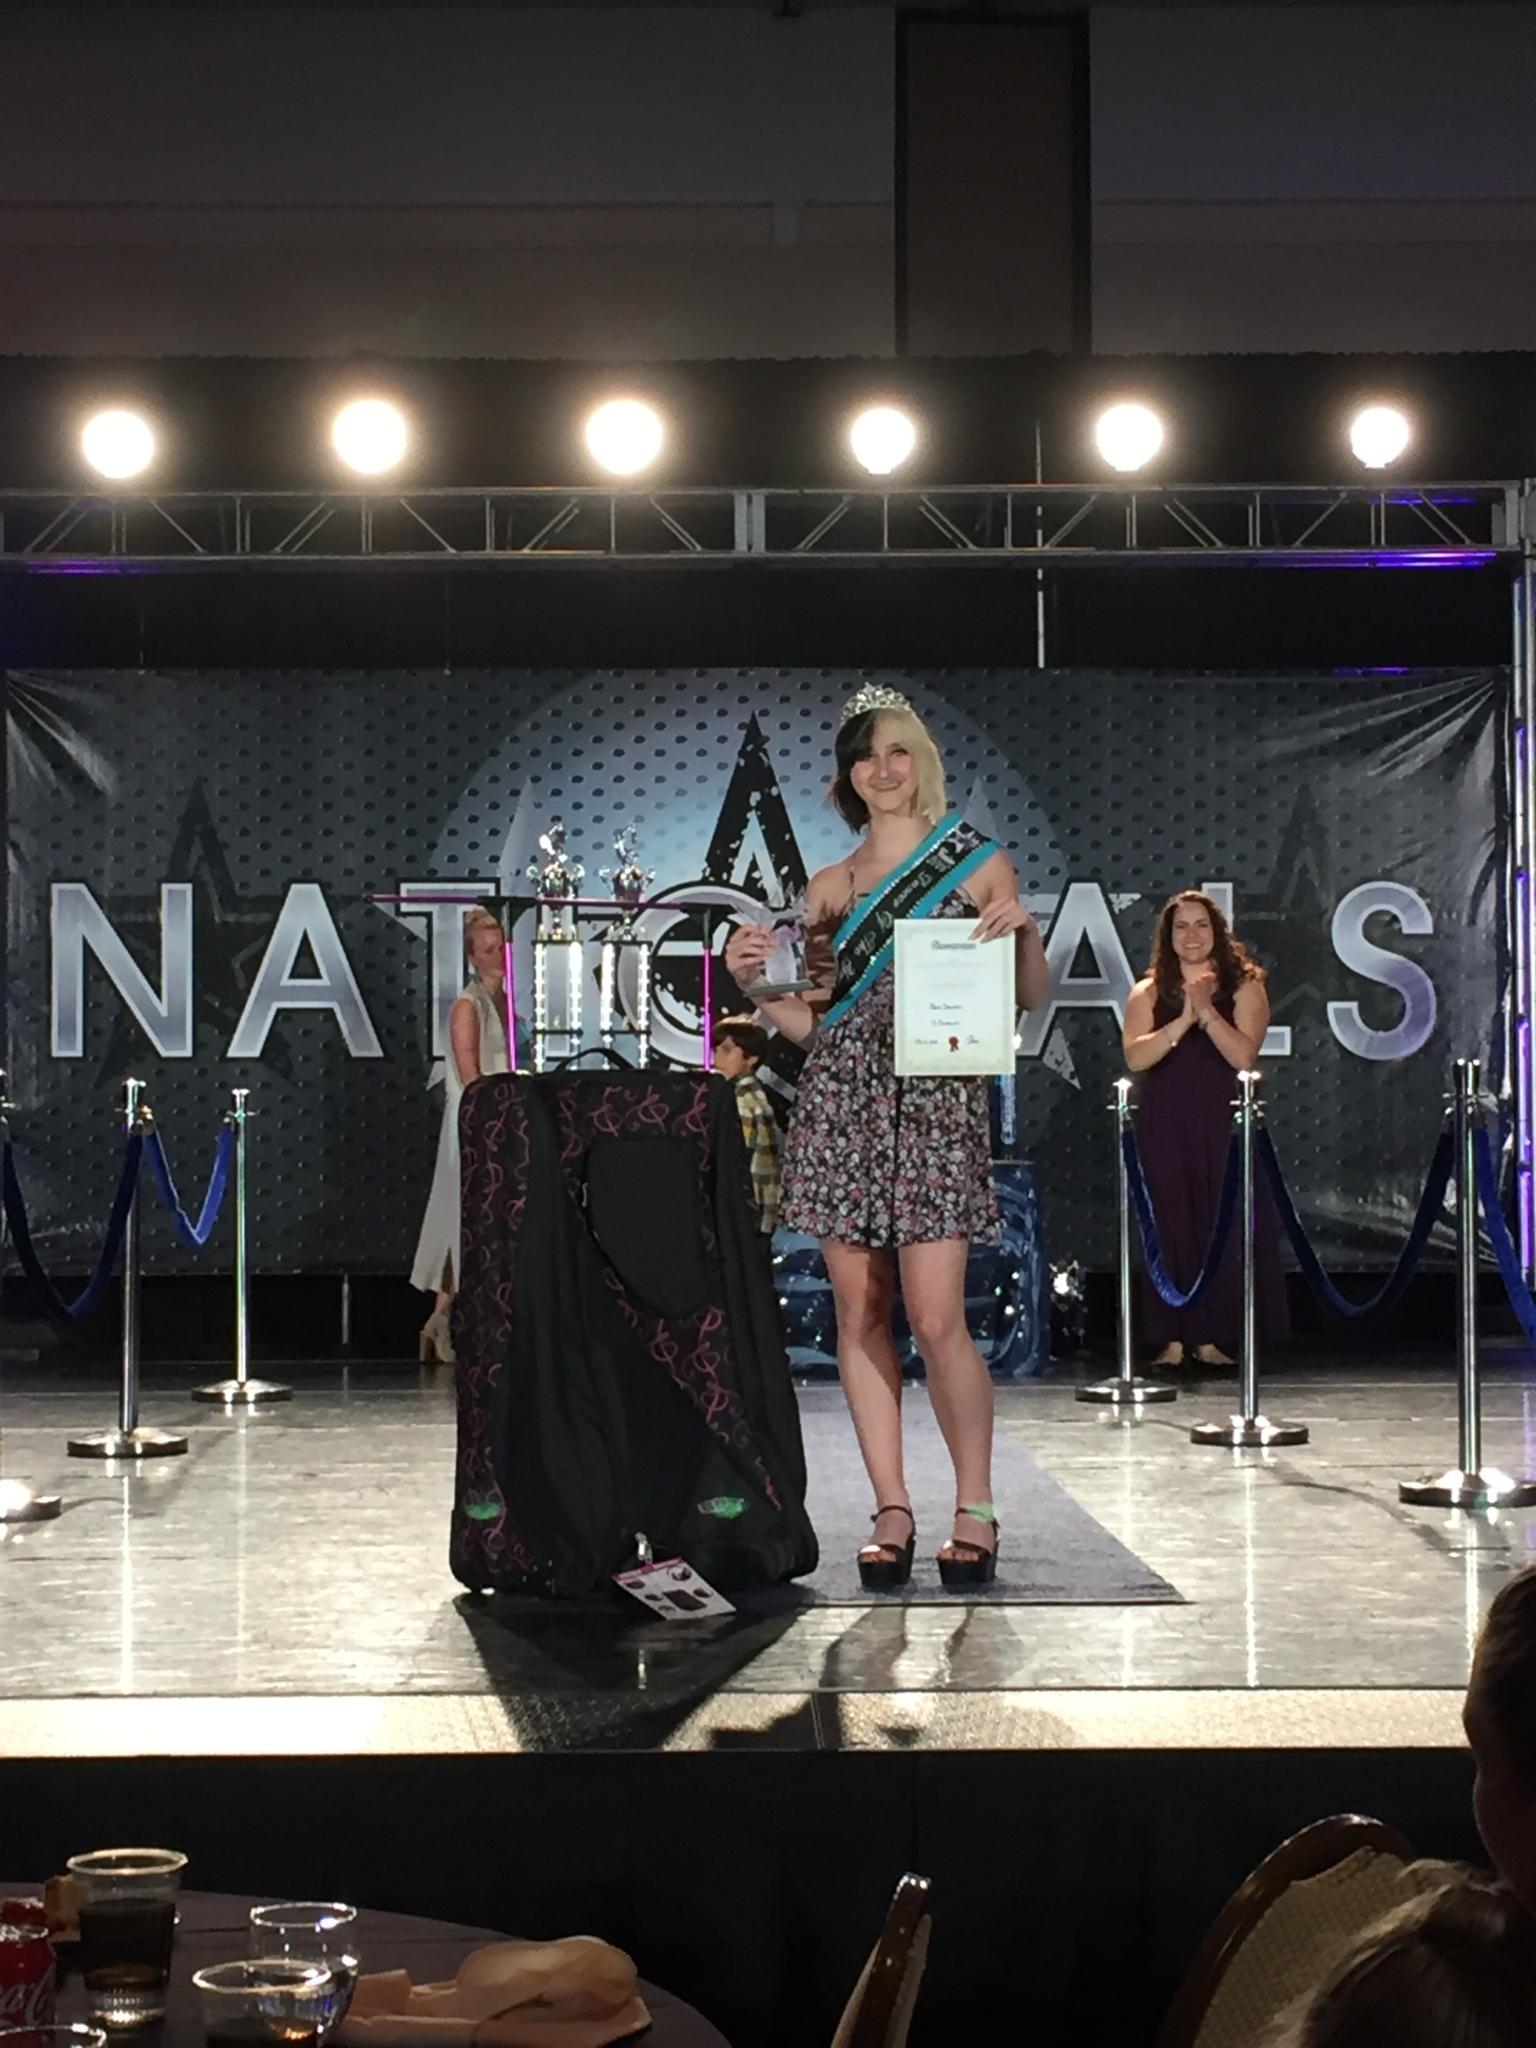 TK Danceworx in Kingston: National Sr Title Winner 2016 Orlando